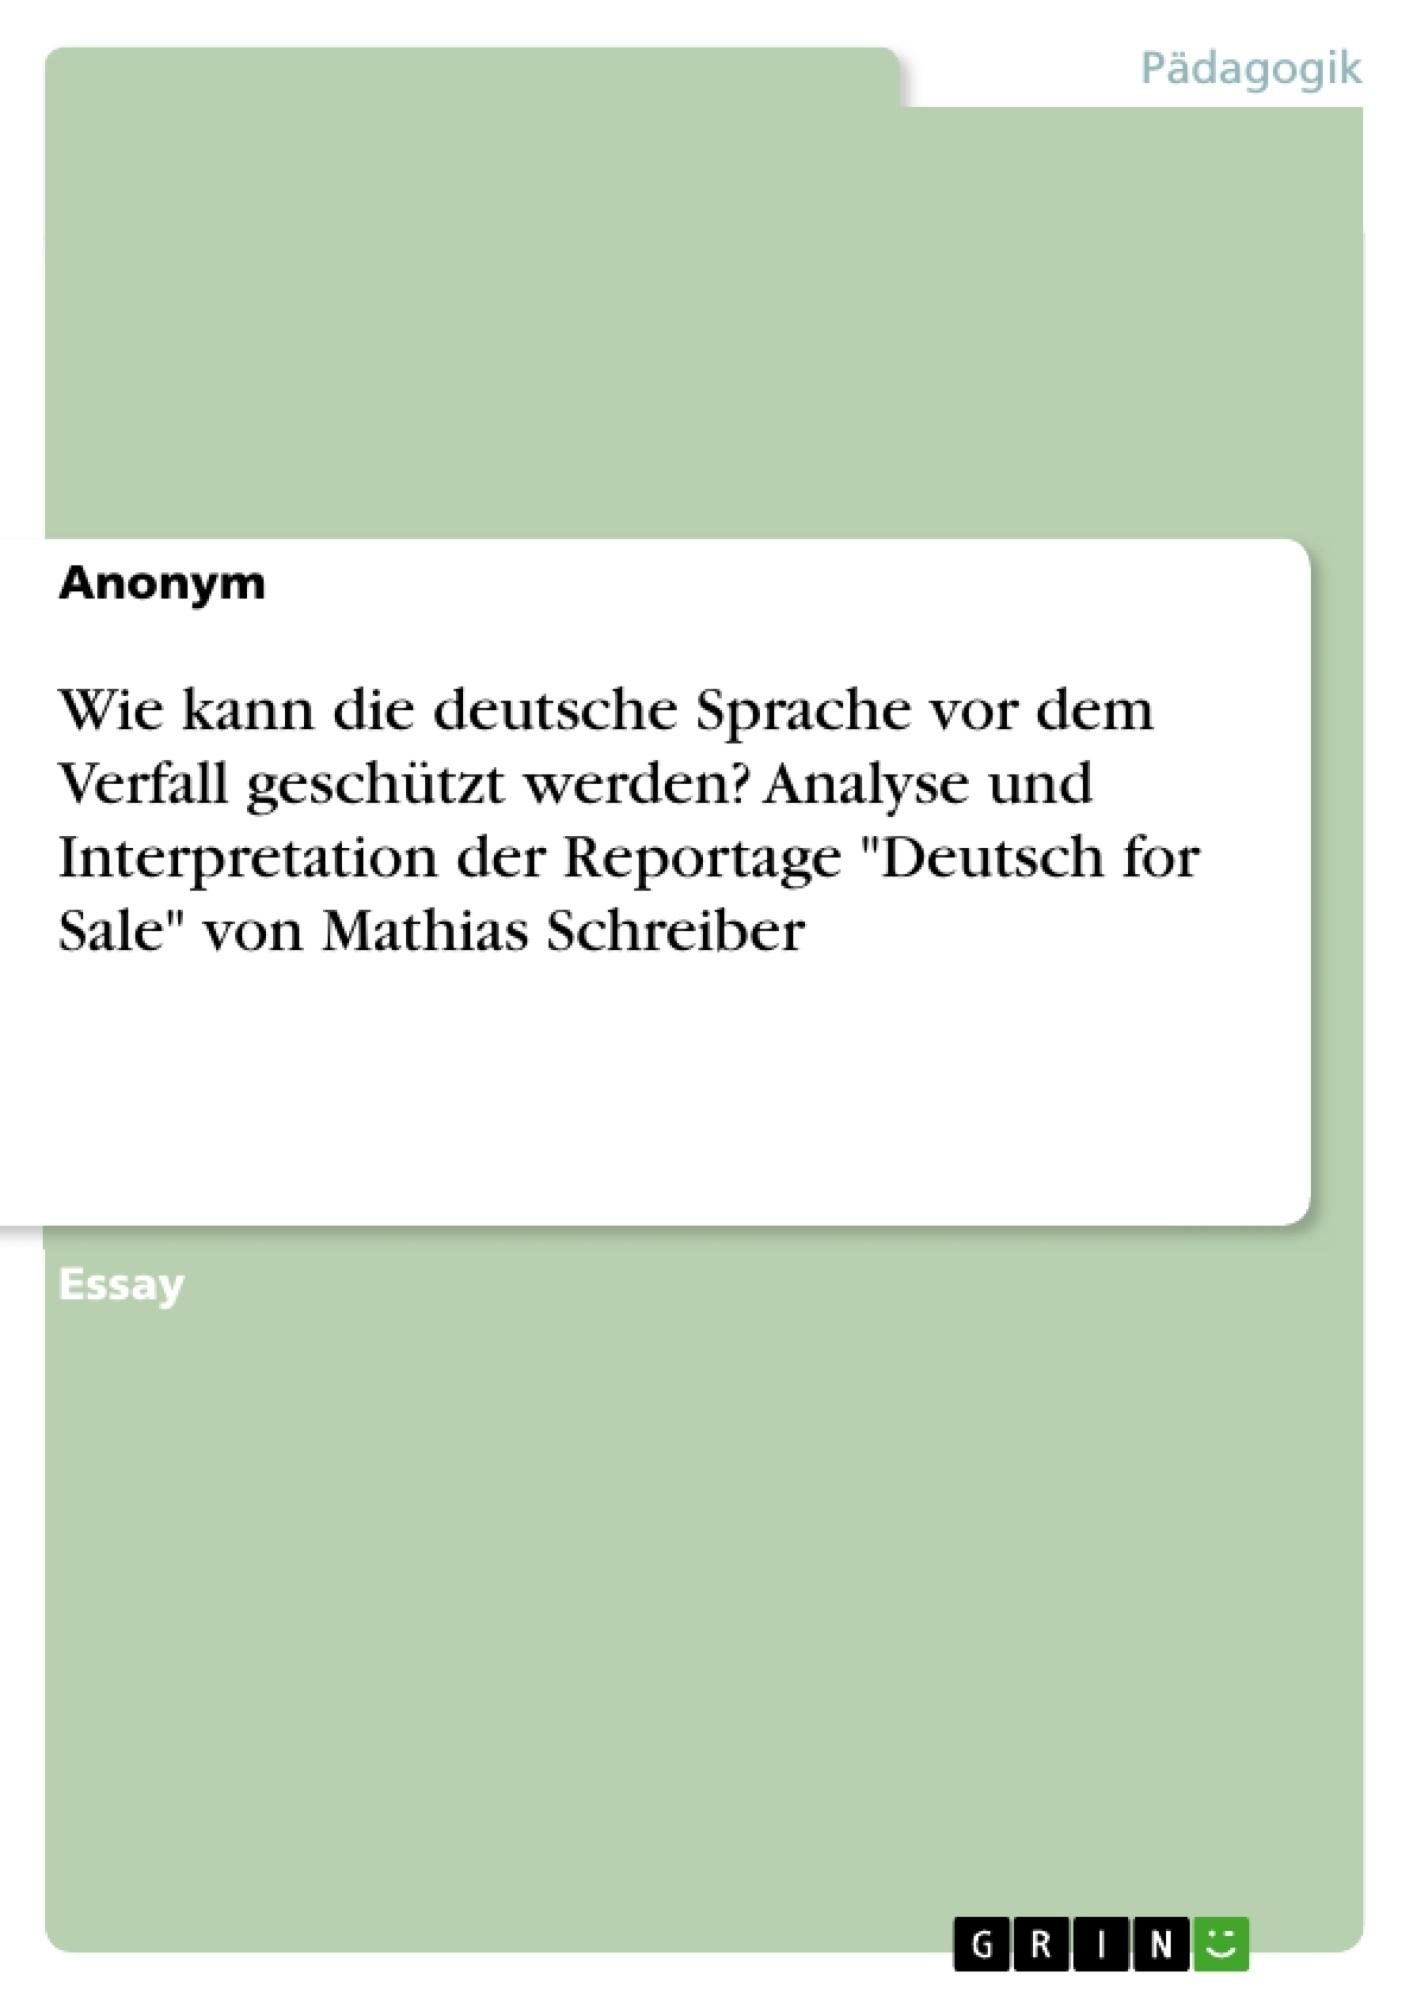 Wie Kann Die Deutsche Sprache Vor Dem Verfall Geschützt Werden